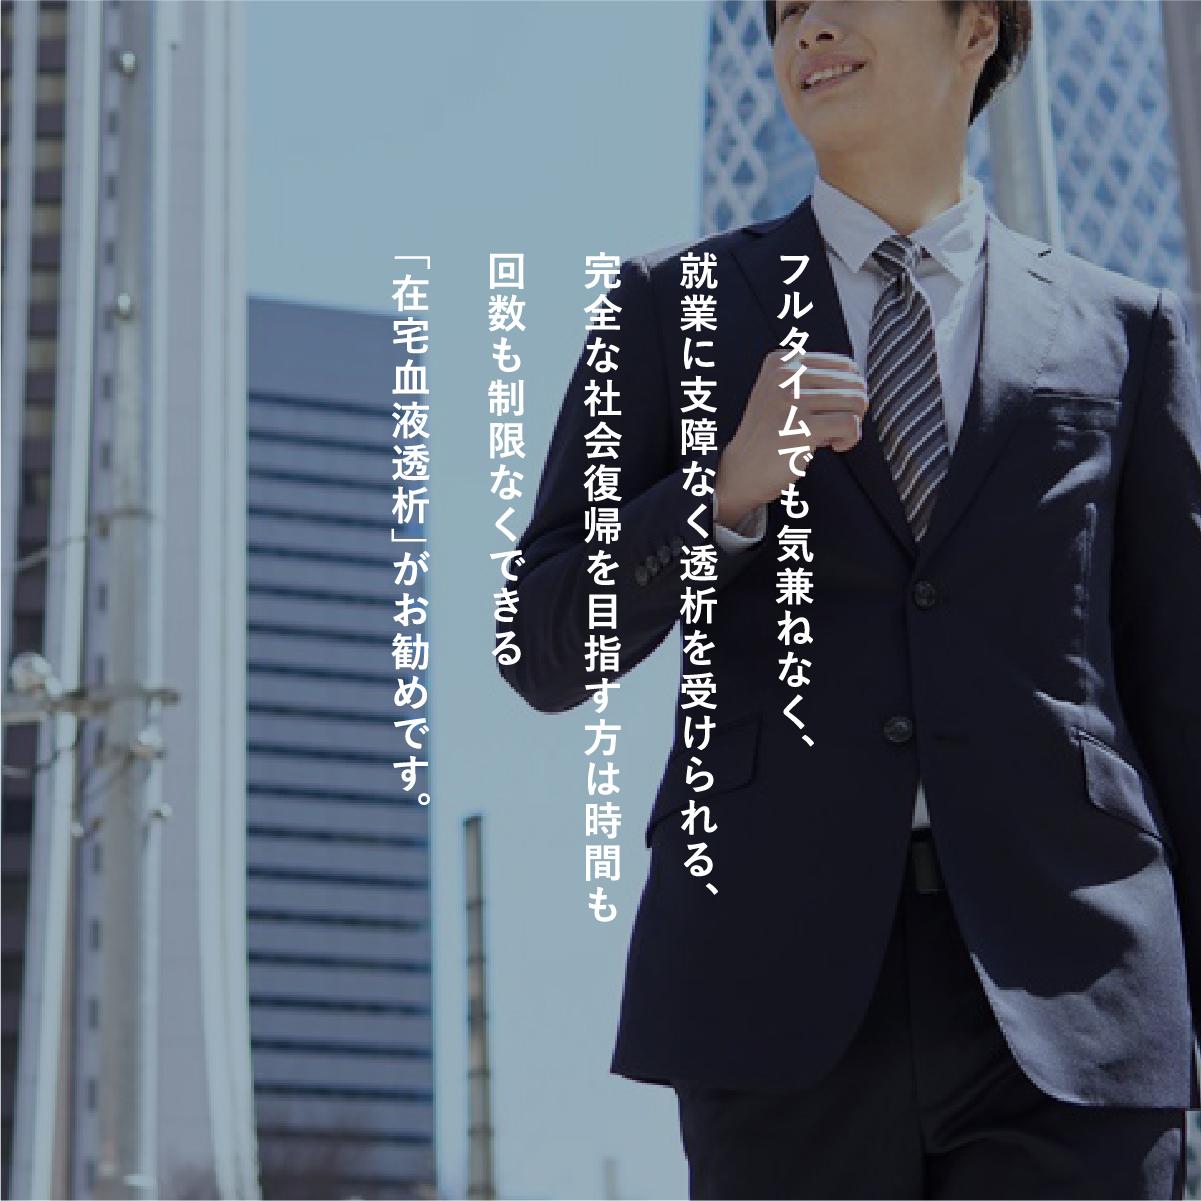 日本の透析医療における基本